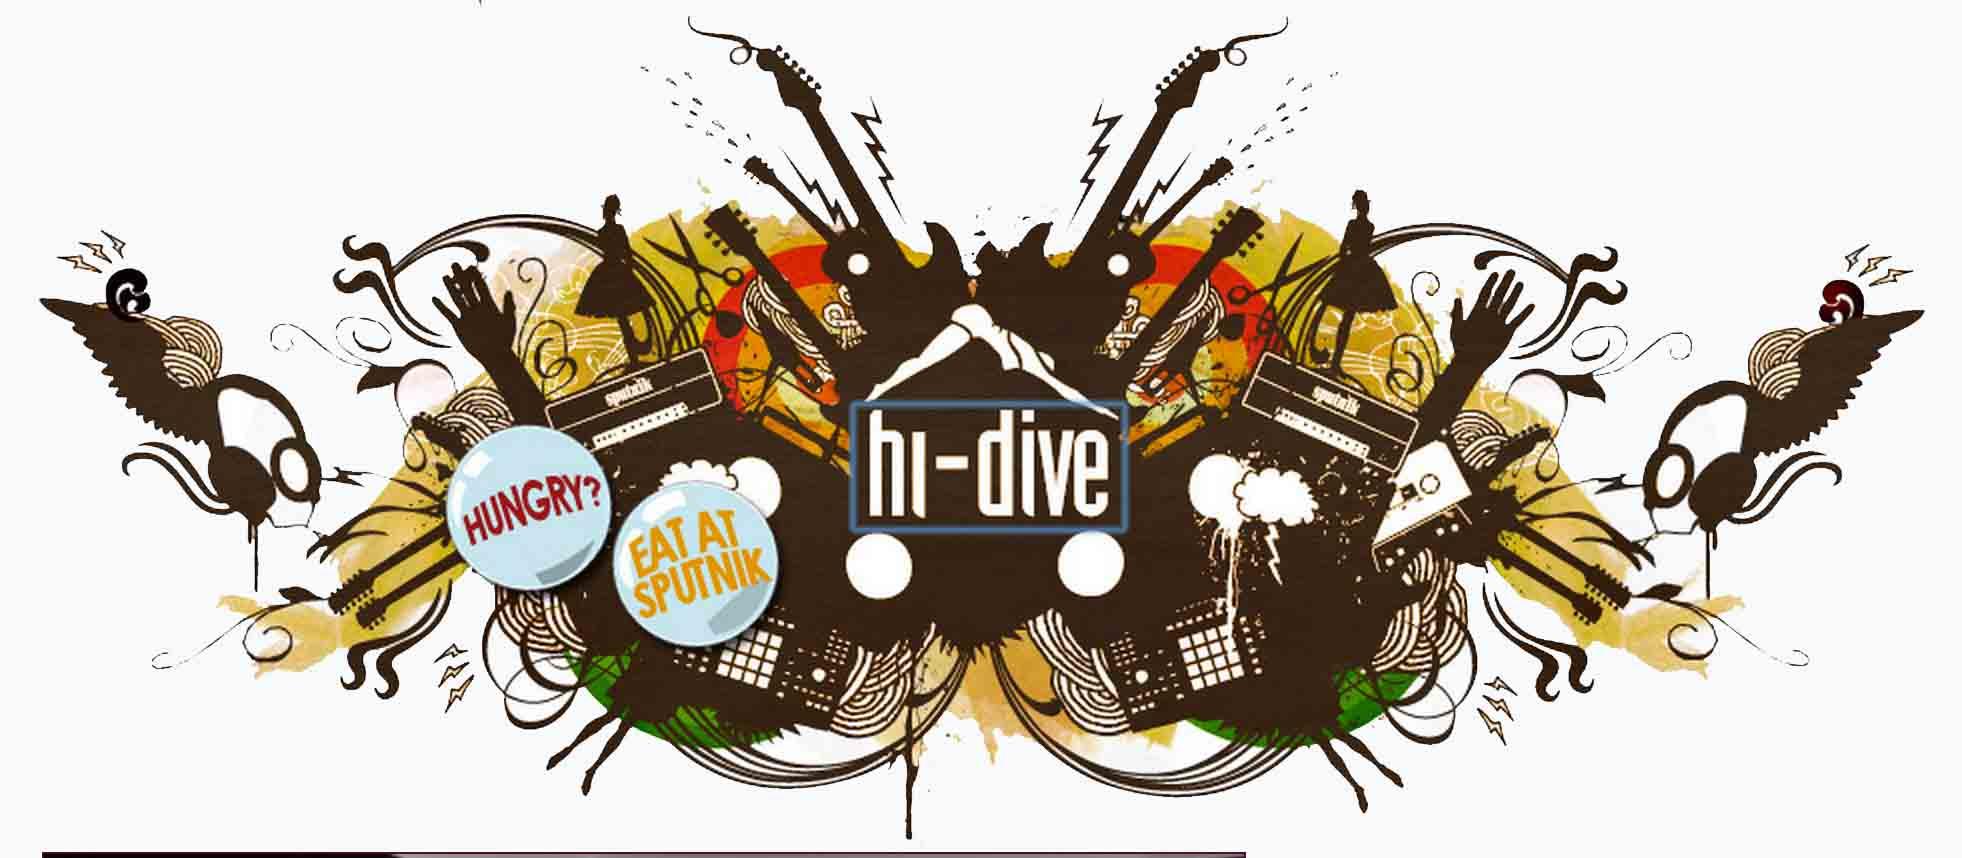 Photo: Hi-Dive owner Matty Clark